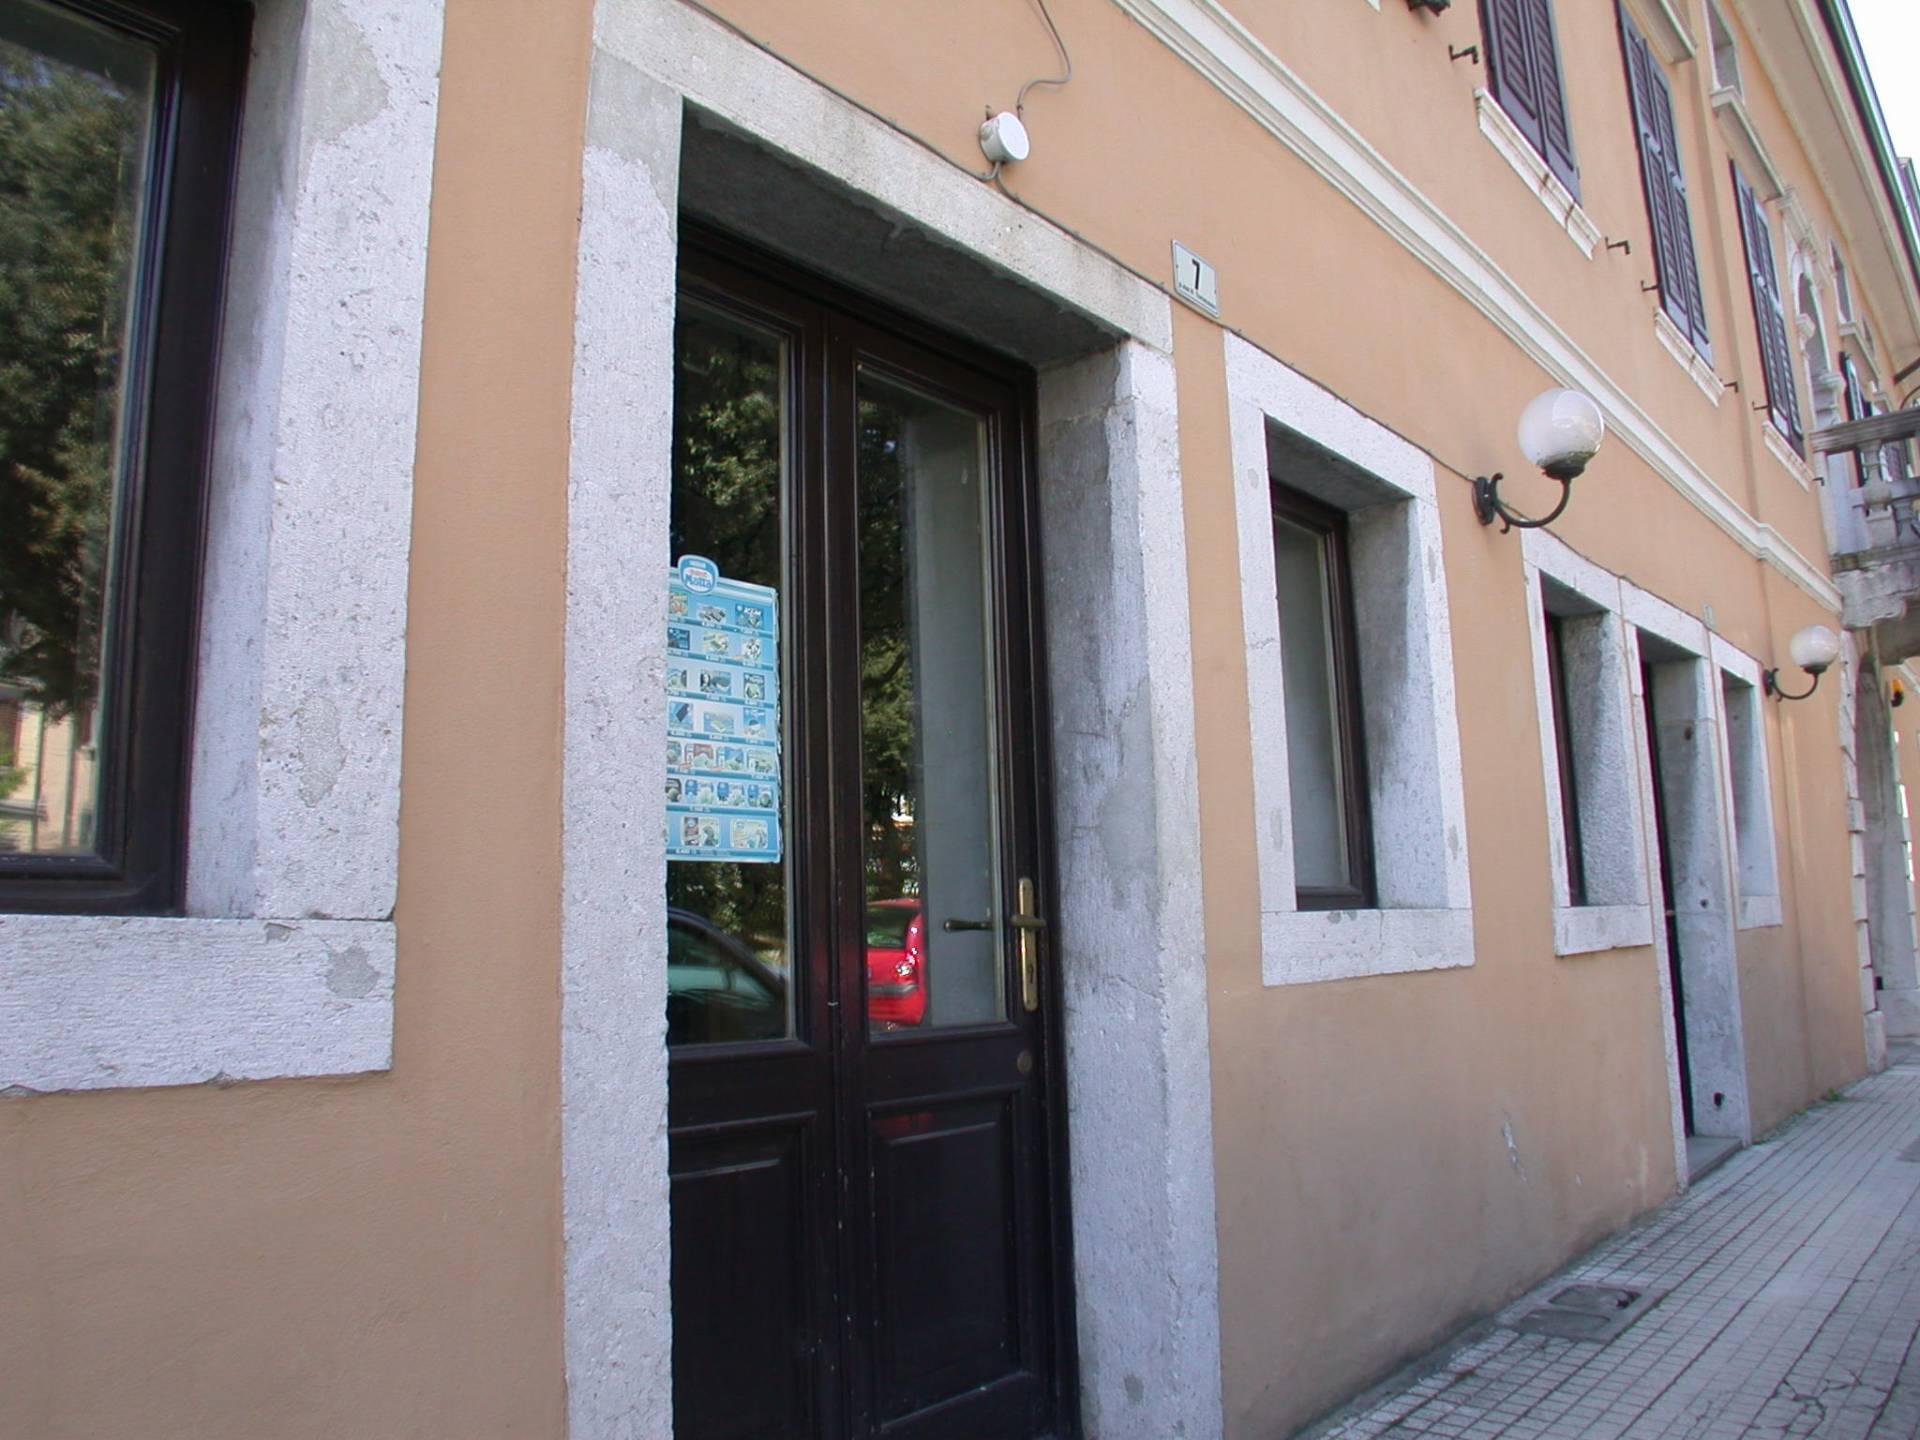 Negozio / Locale in vendita a Gorizia, 9999 locali, zona Località: centro, prezzo € 80.000 | CambioCasa.it